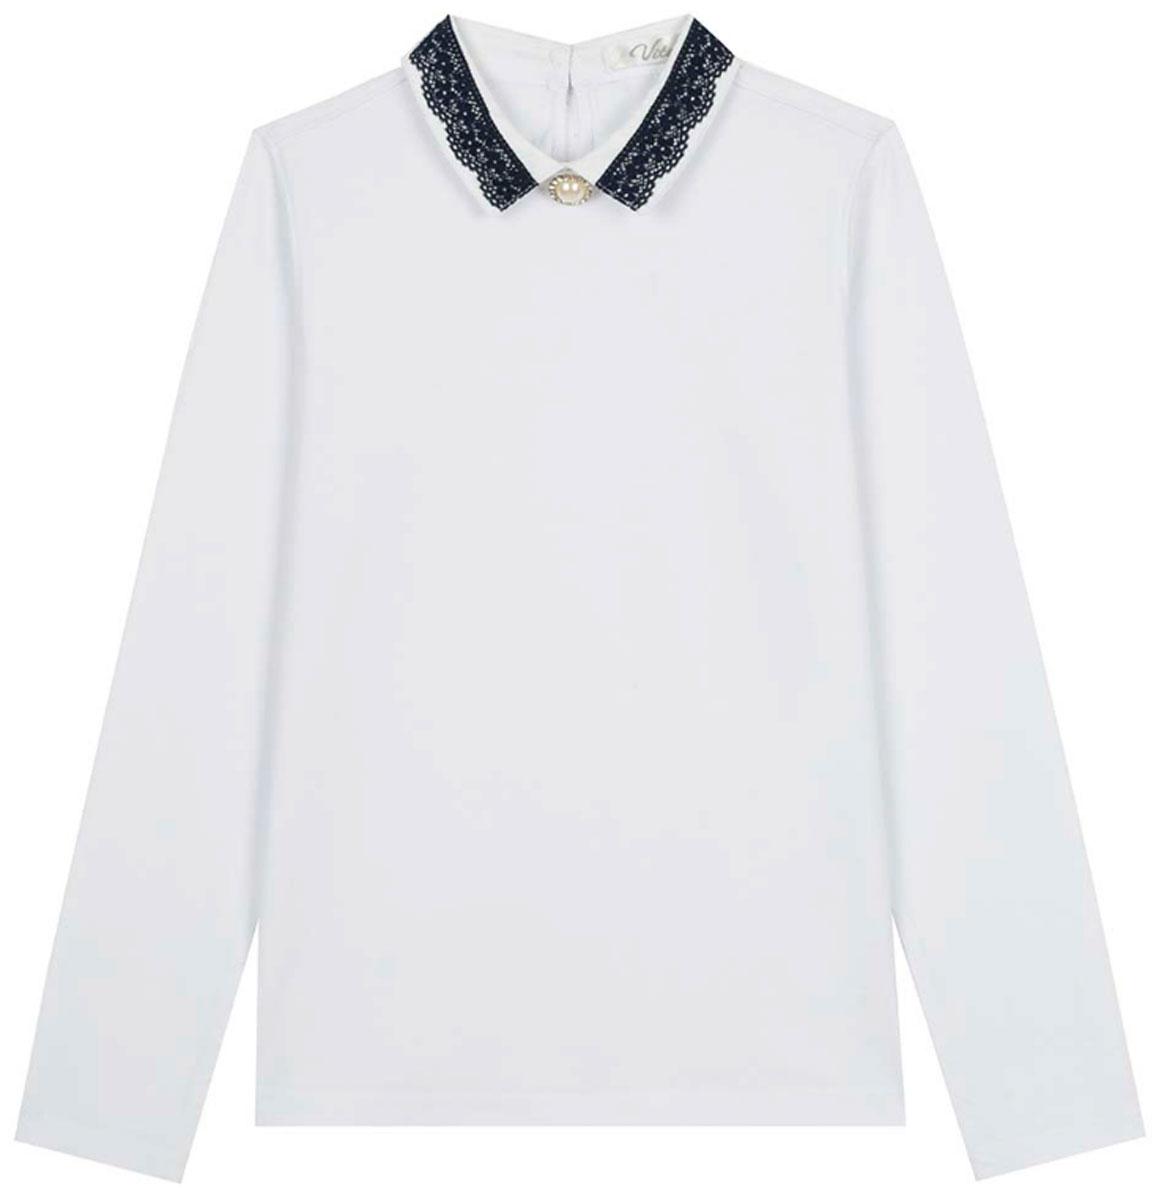 Блузка для девочек Vitacci, цвет: белый. 2173204-01. Размер 1342173204-01Классическая школьная блузка для девочки